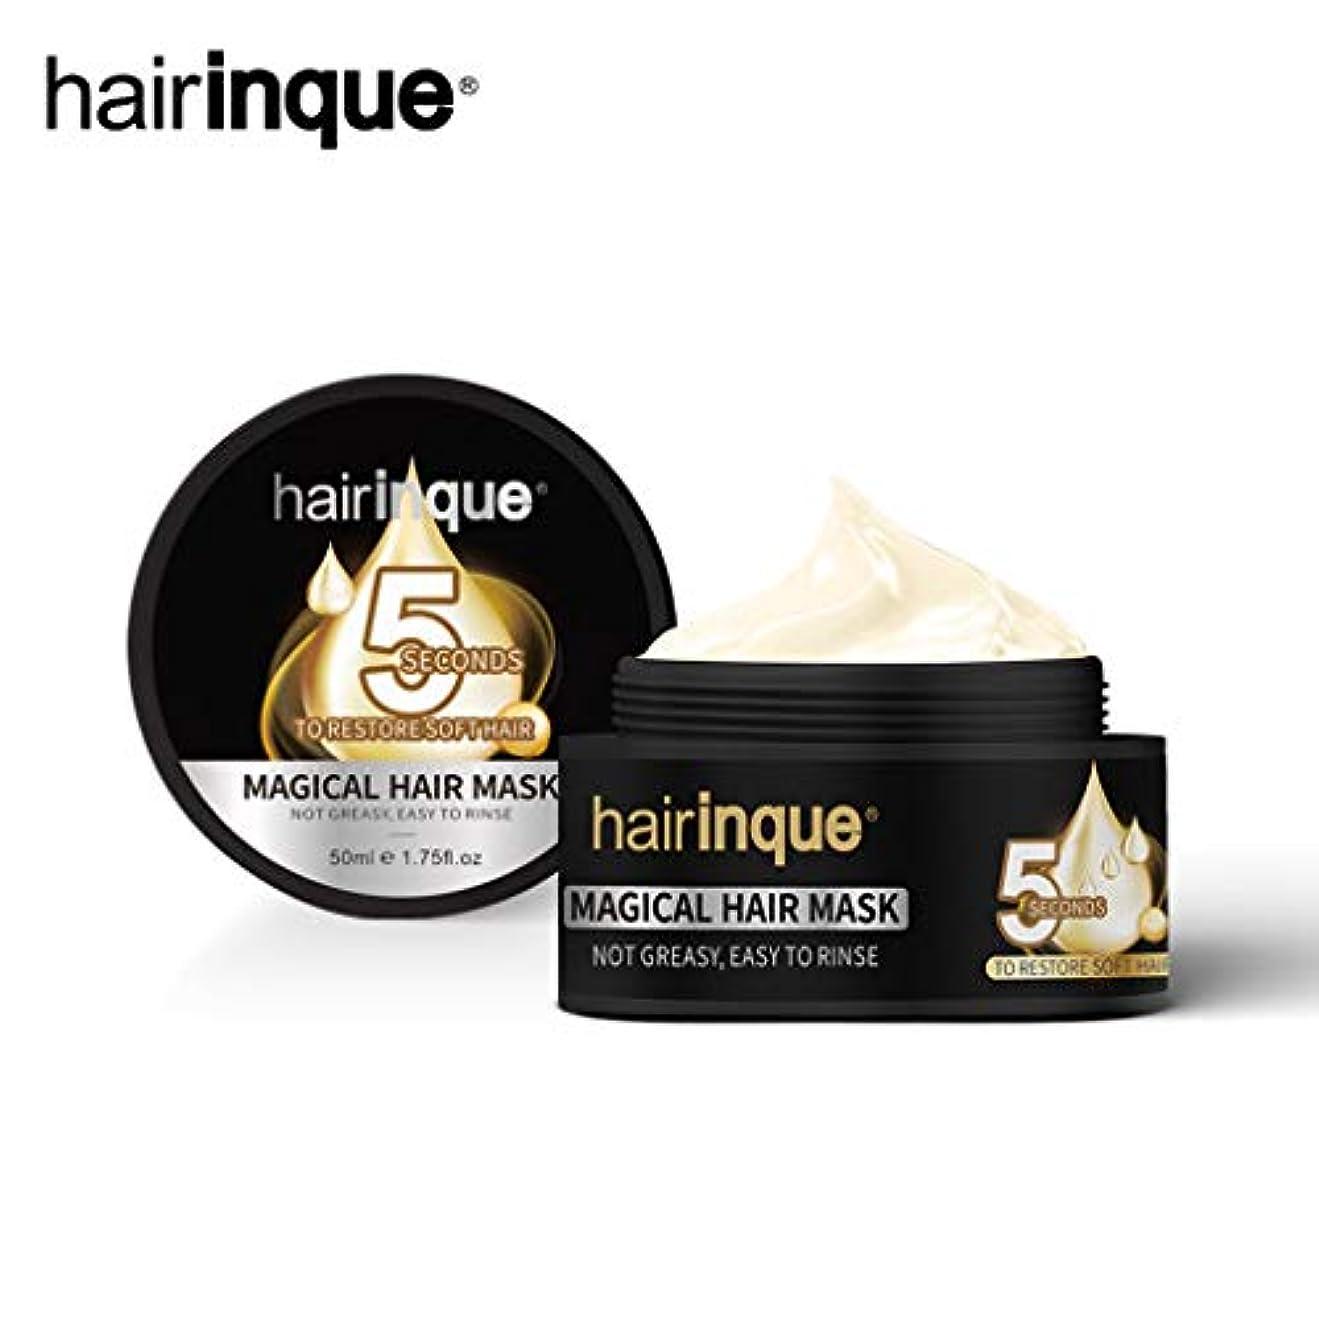 赤字起こりやすい事業魔法のケラチンヘアケアマスク5秒修復ダメージ髪髪熱 (2PC 50ML)